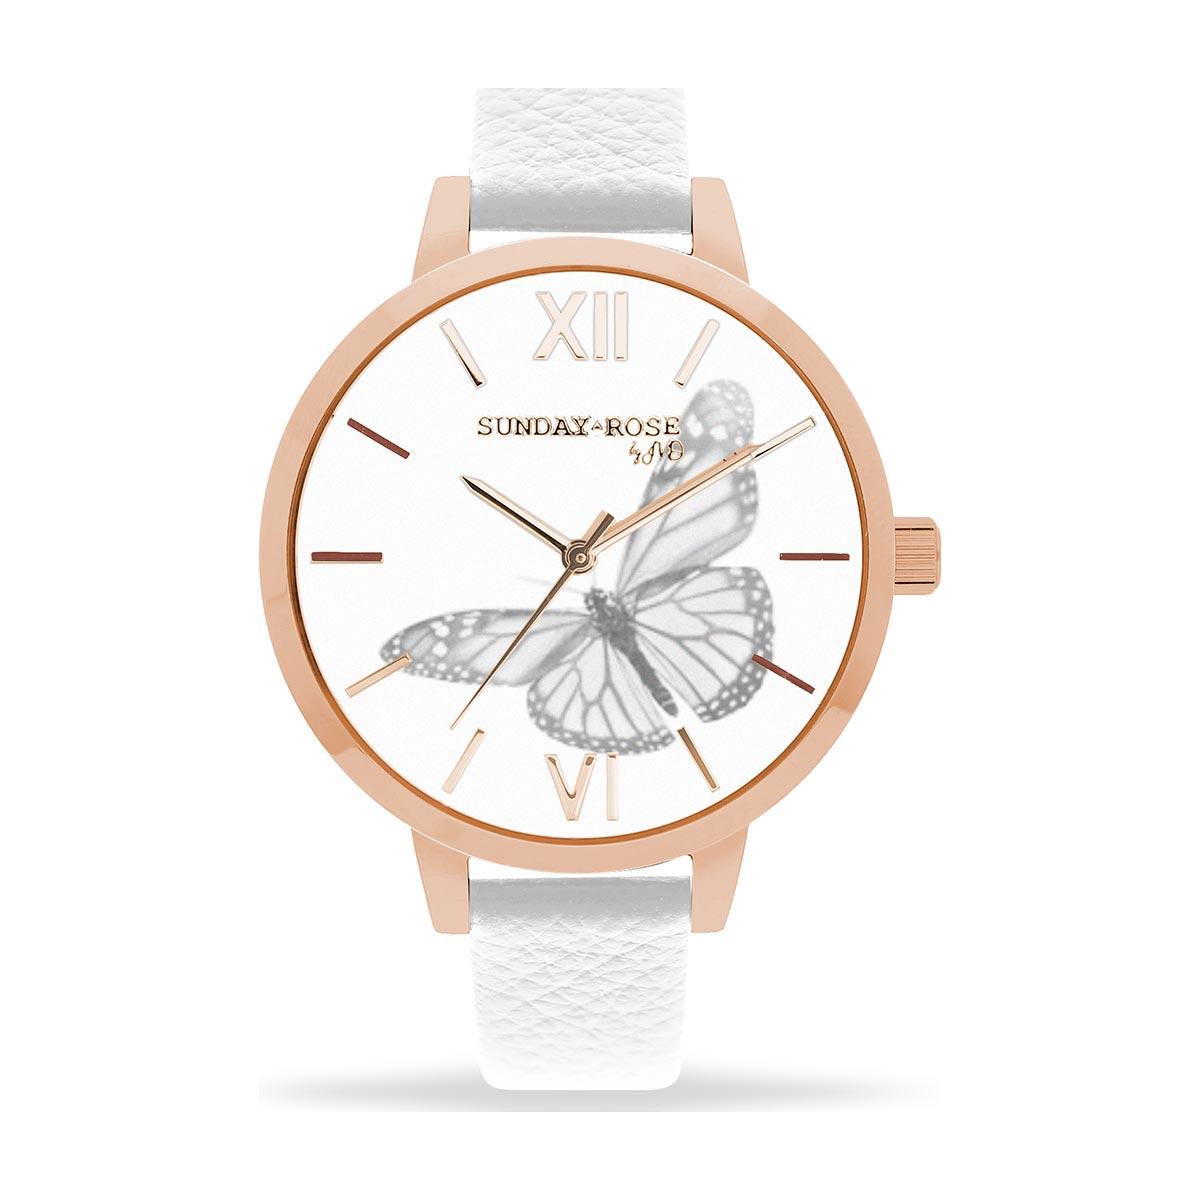 Dámské hodinky SUNDAY ROSE Alive BUTTERFLY SENSE - Hodinky Casio a ... 6dc7b64c28